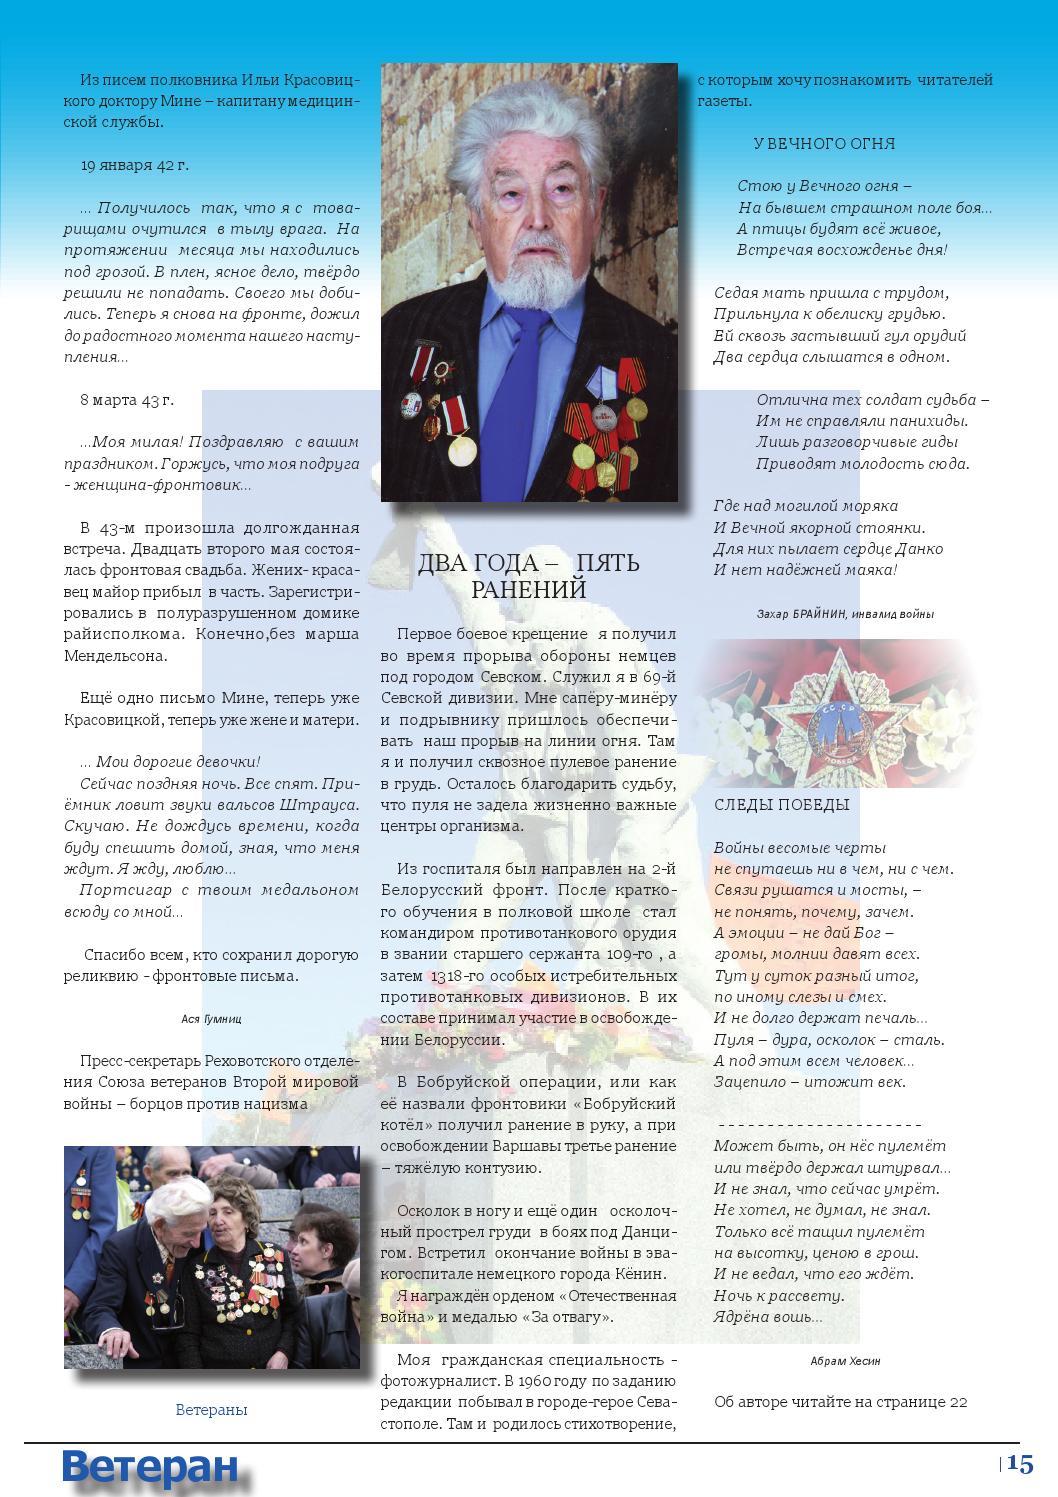 журнал о ветеранах фото них пойдет далее